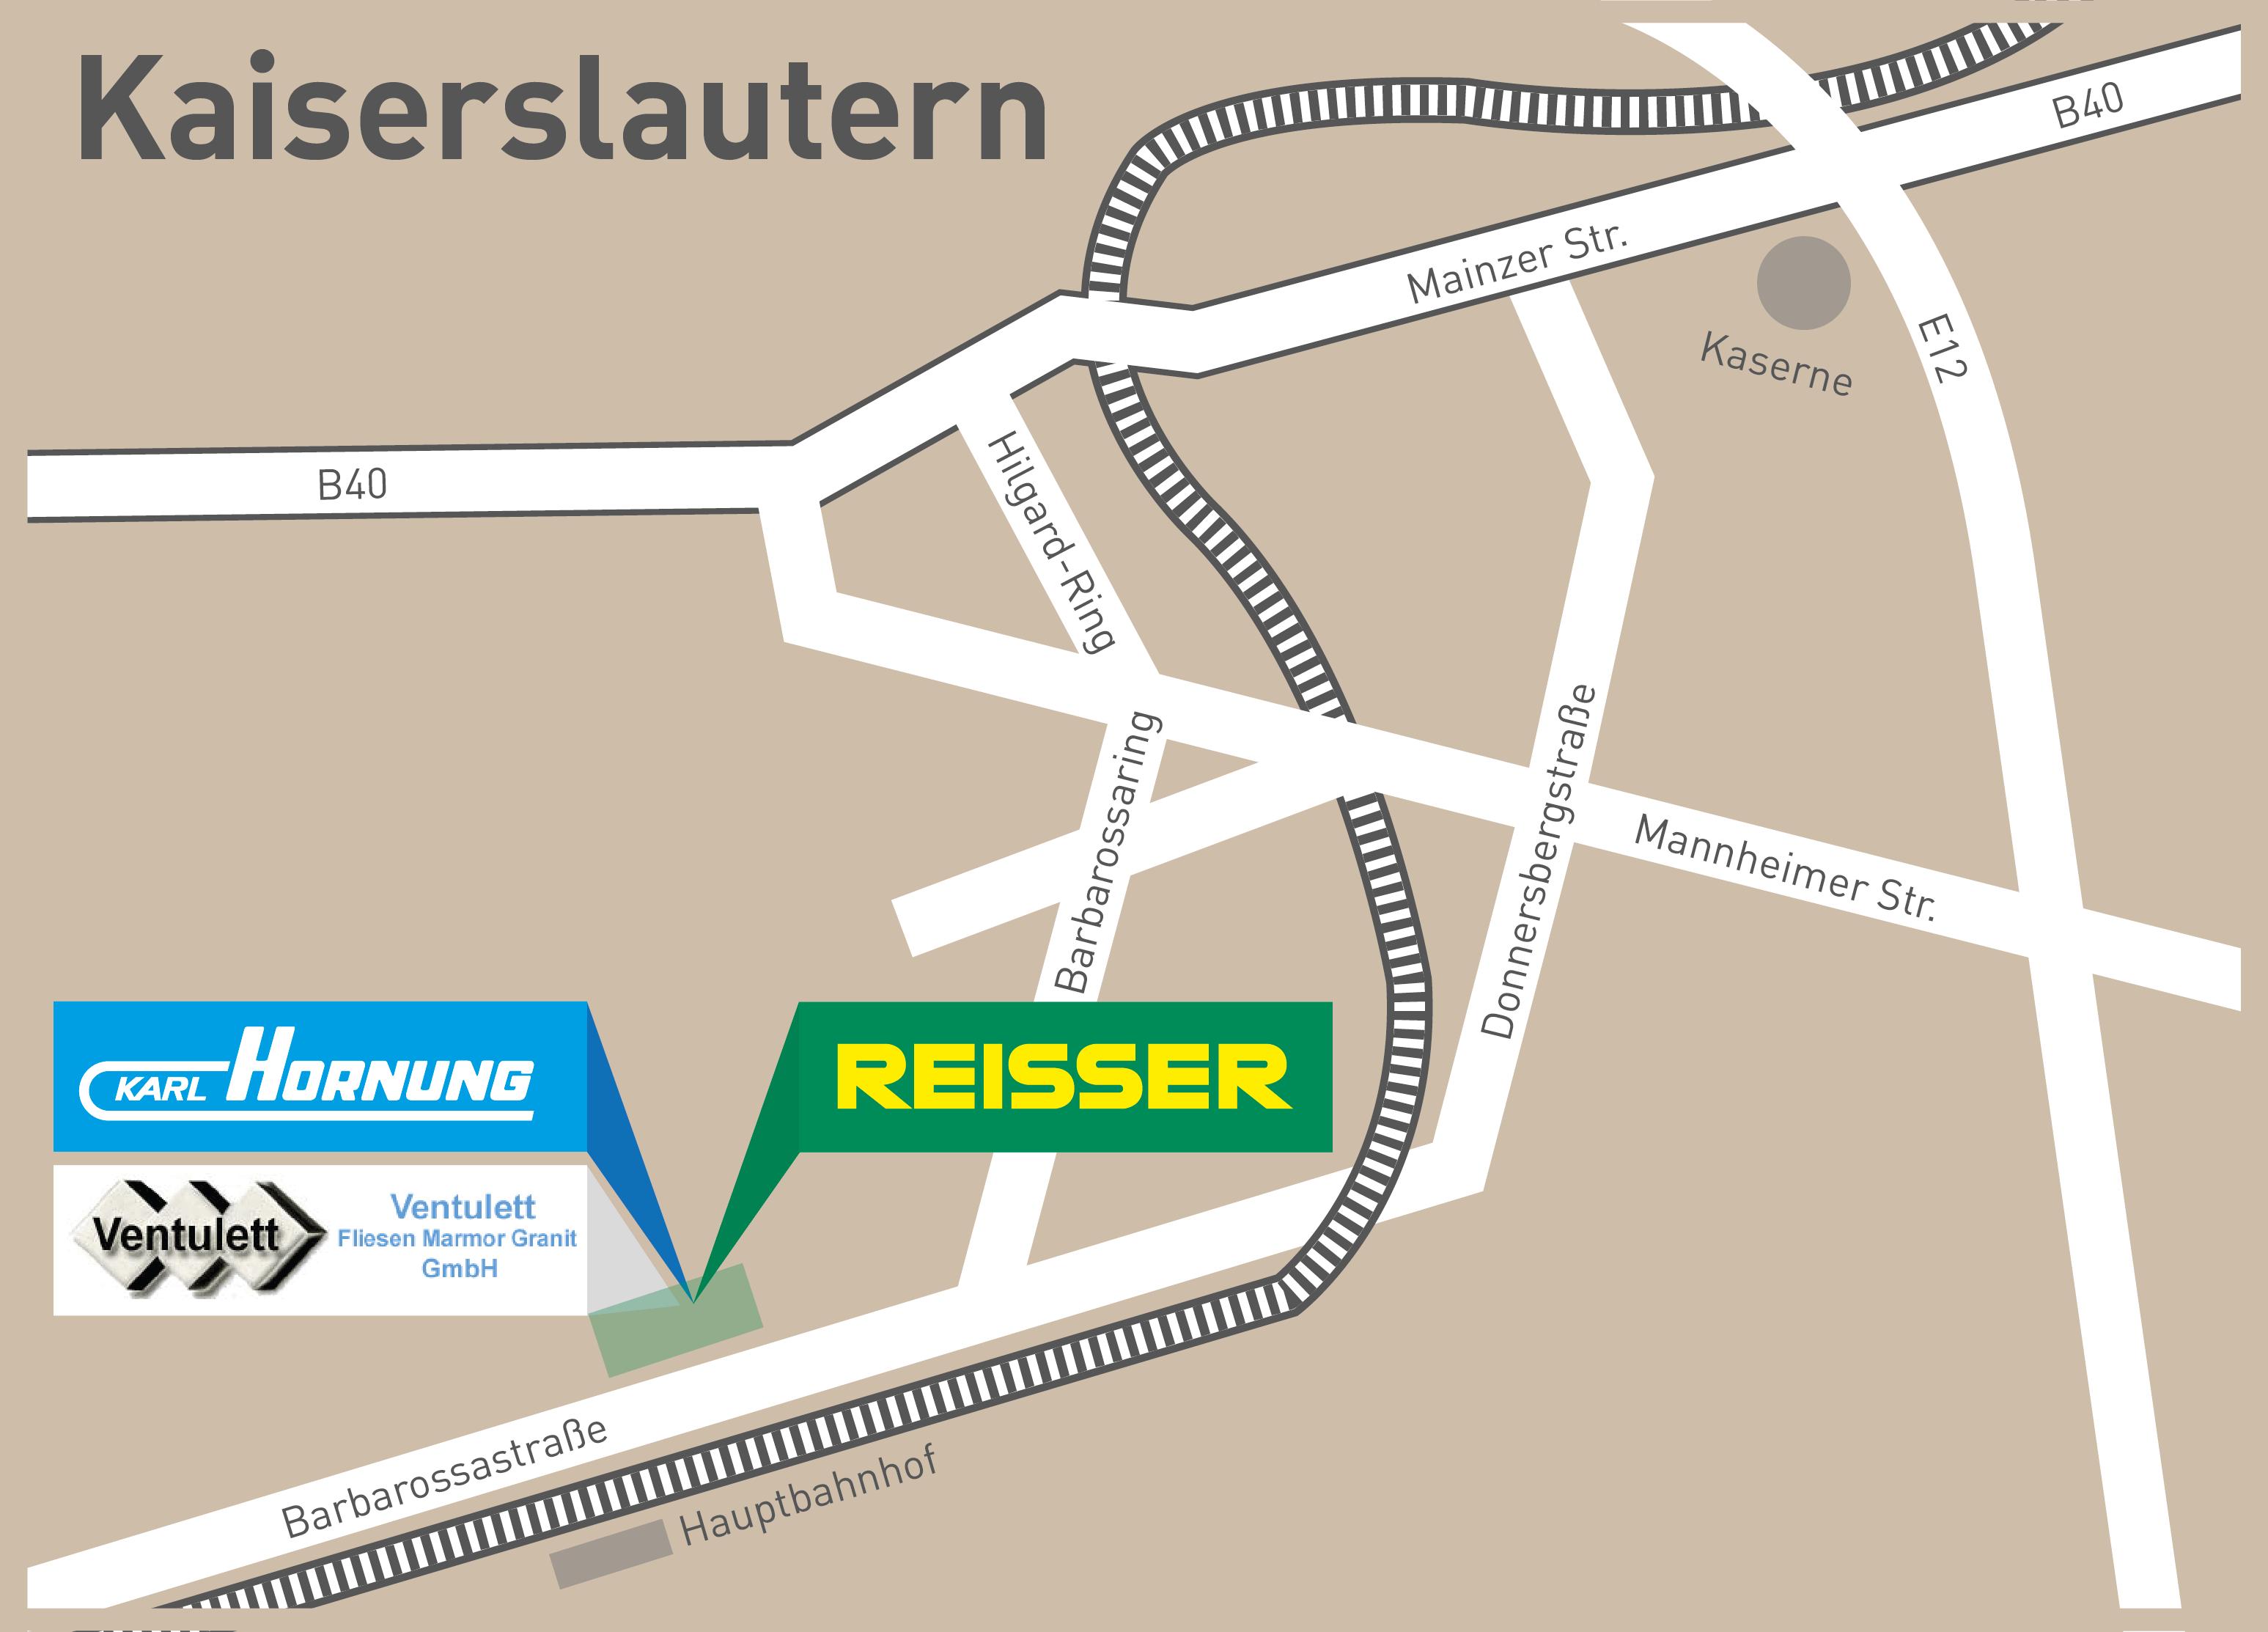 Badausstellung Kaiserslautern badausstellung kaiserslautern reisser bäderausstellung